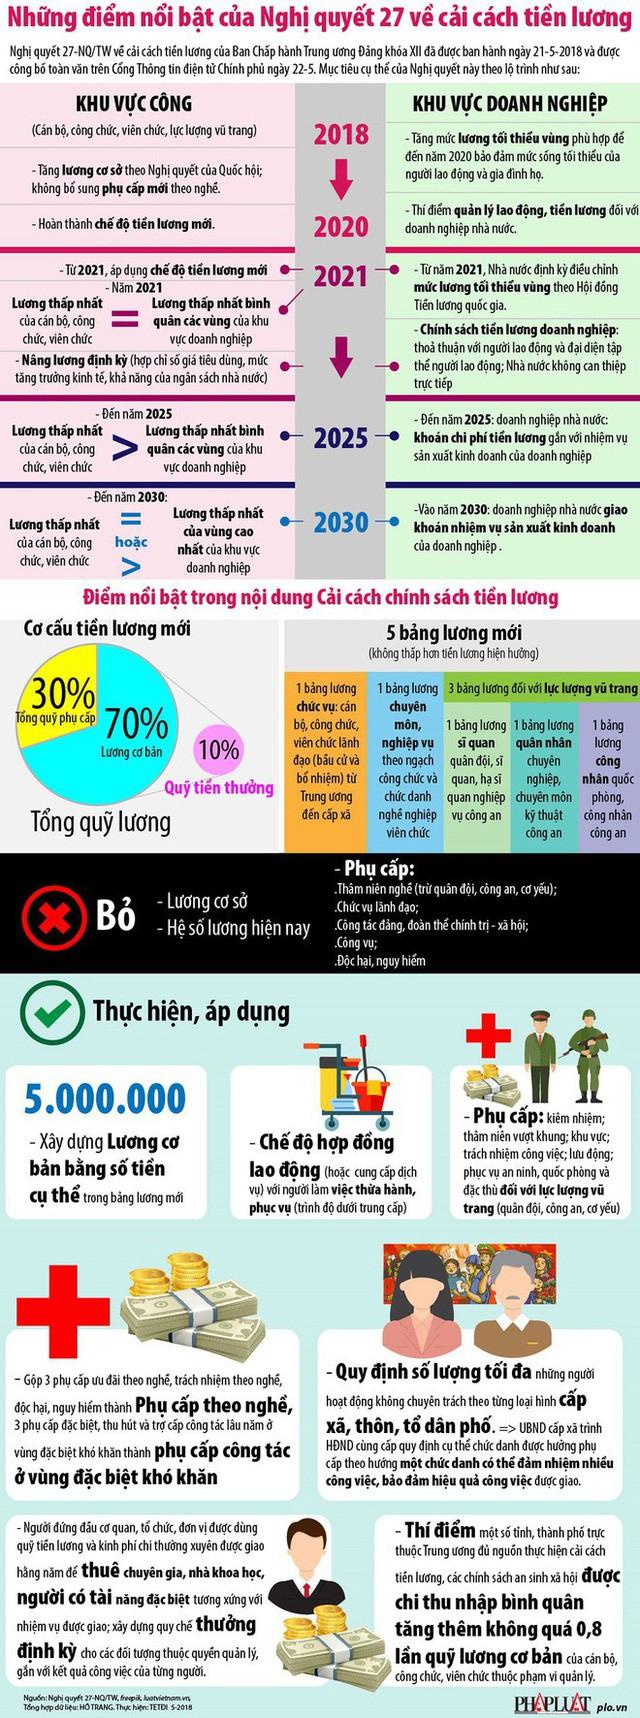 Infographic: Sắp tới tiền lương sẽ thay đổi như thế nào?  - Ảnh 1.